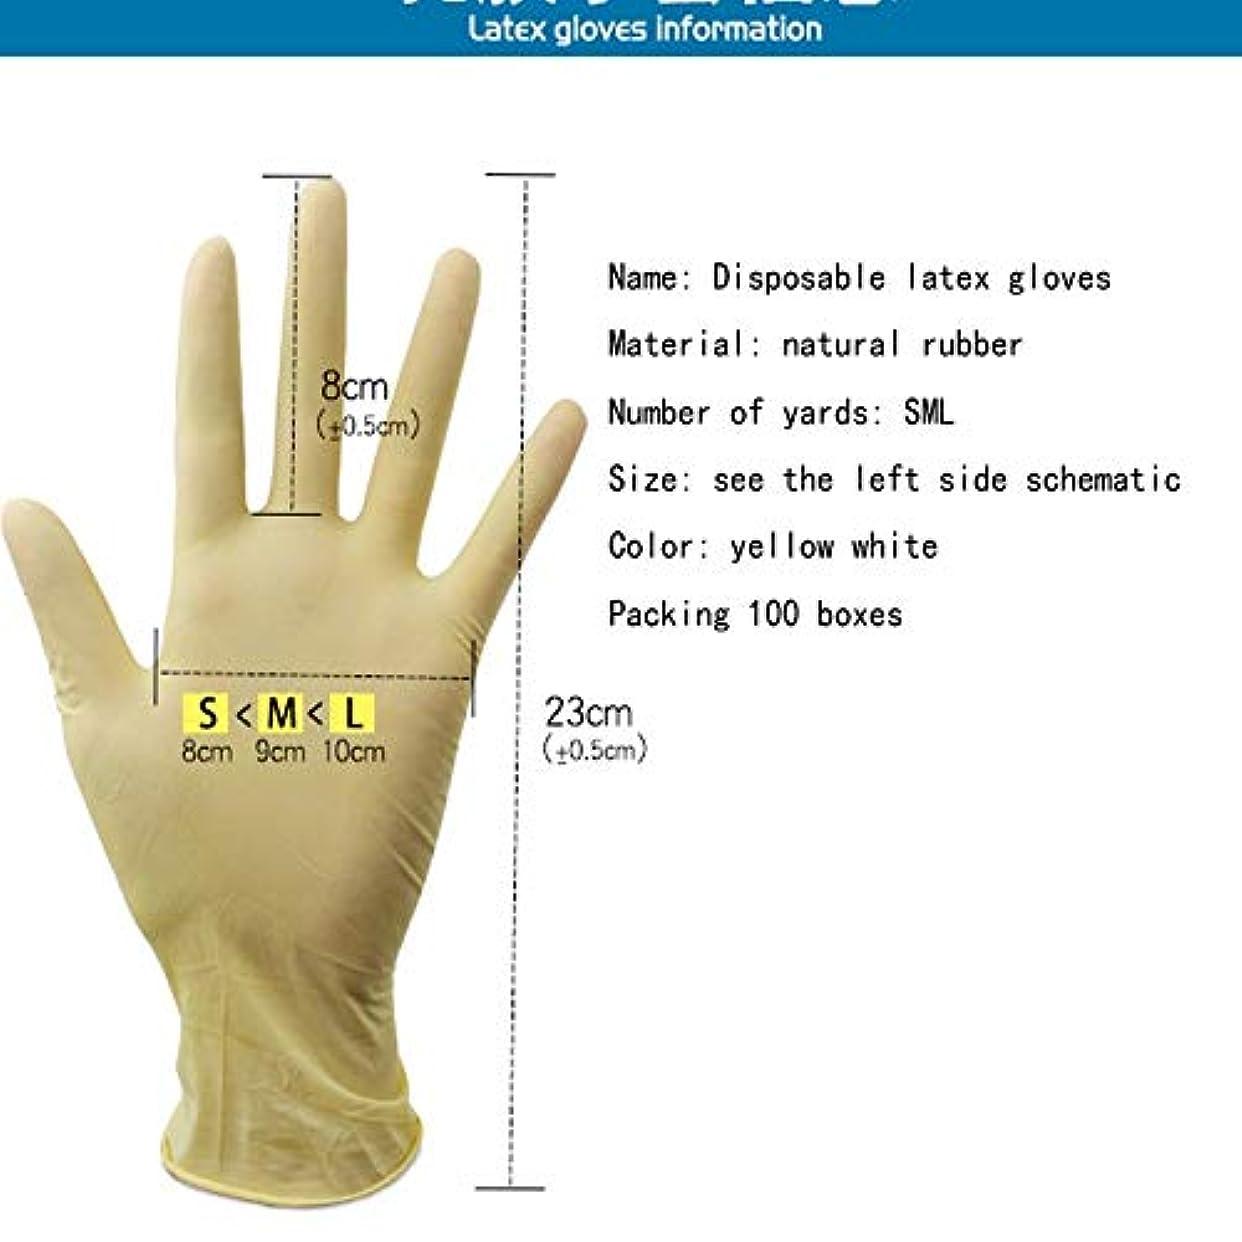 事業内容マスタードエキゾチック使い捨て手袋 - これらの使い捨て食品準備手袋はまた台所クリーニング、プラスチックおよび透明のために使用することができます - 100部分ラテックス手袋 (Color : Beige)